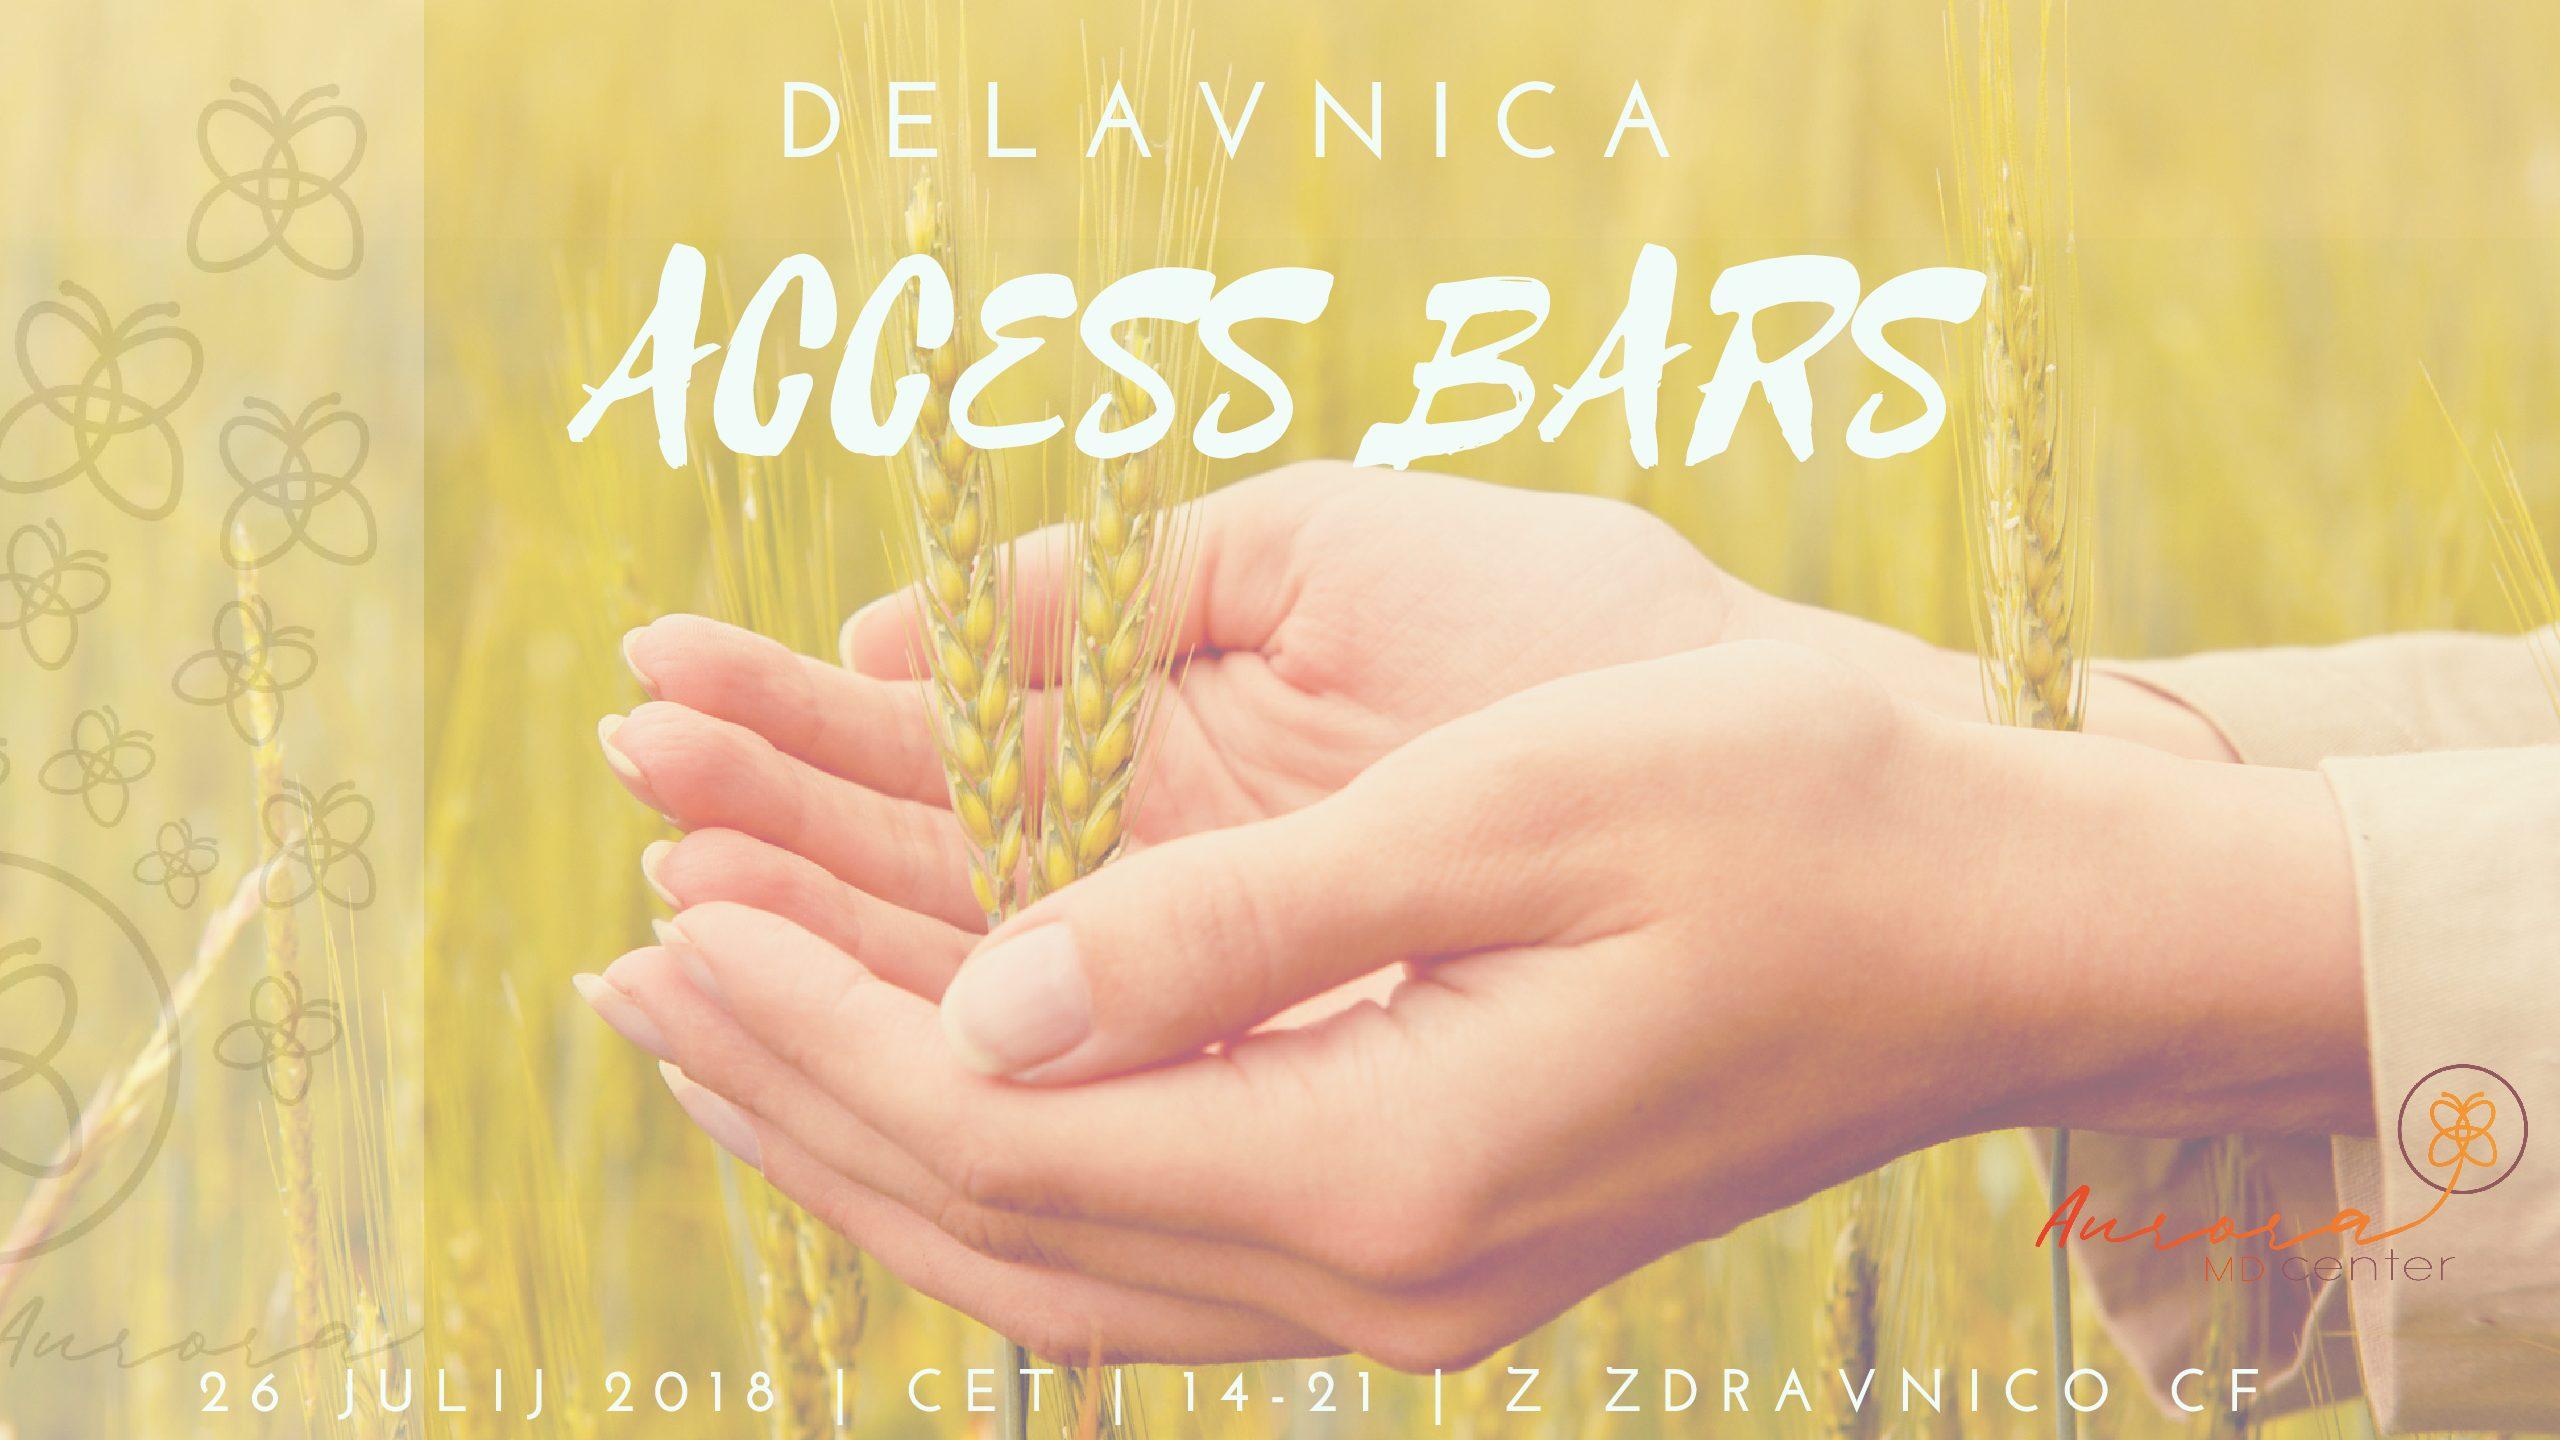 Access Bars Delavnica četrtek, 26. 7. 2018